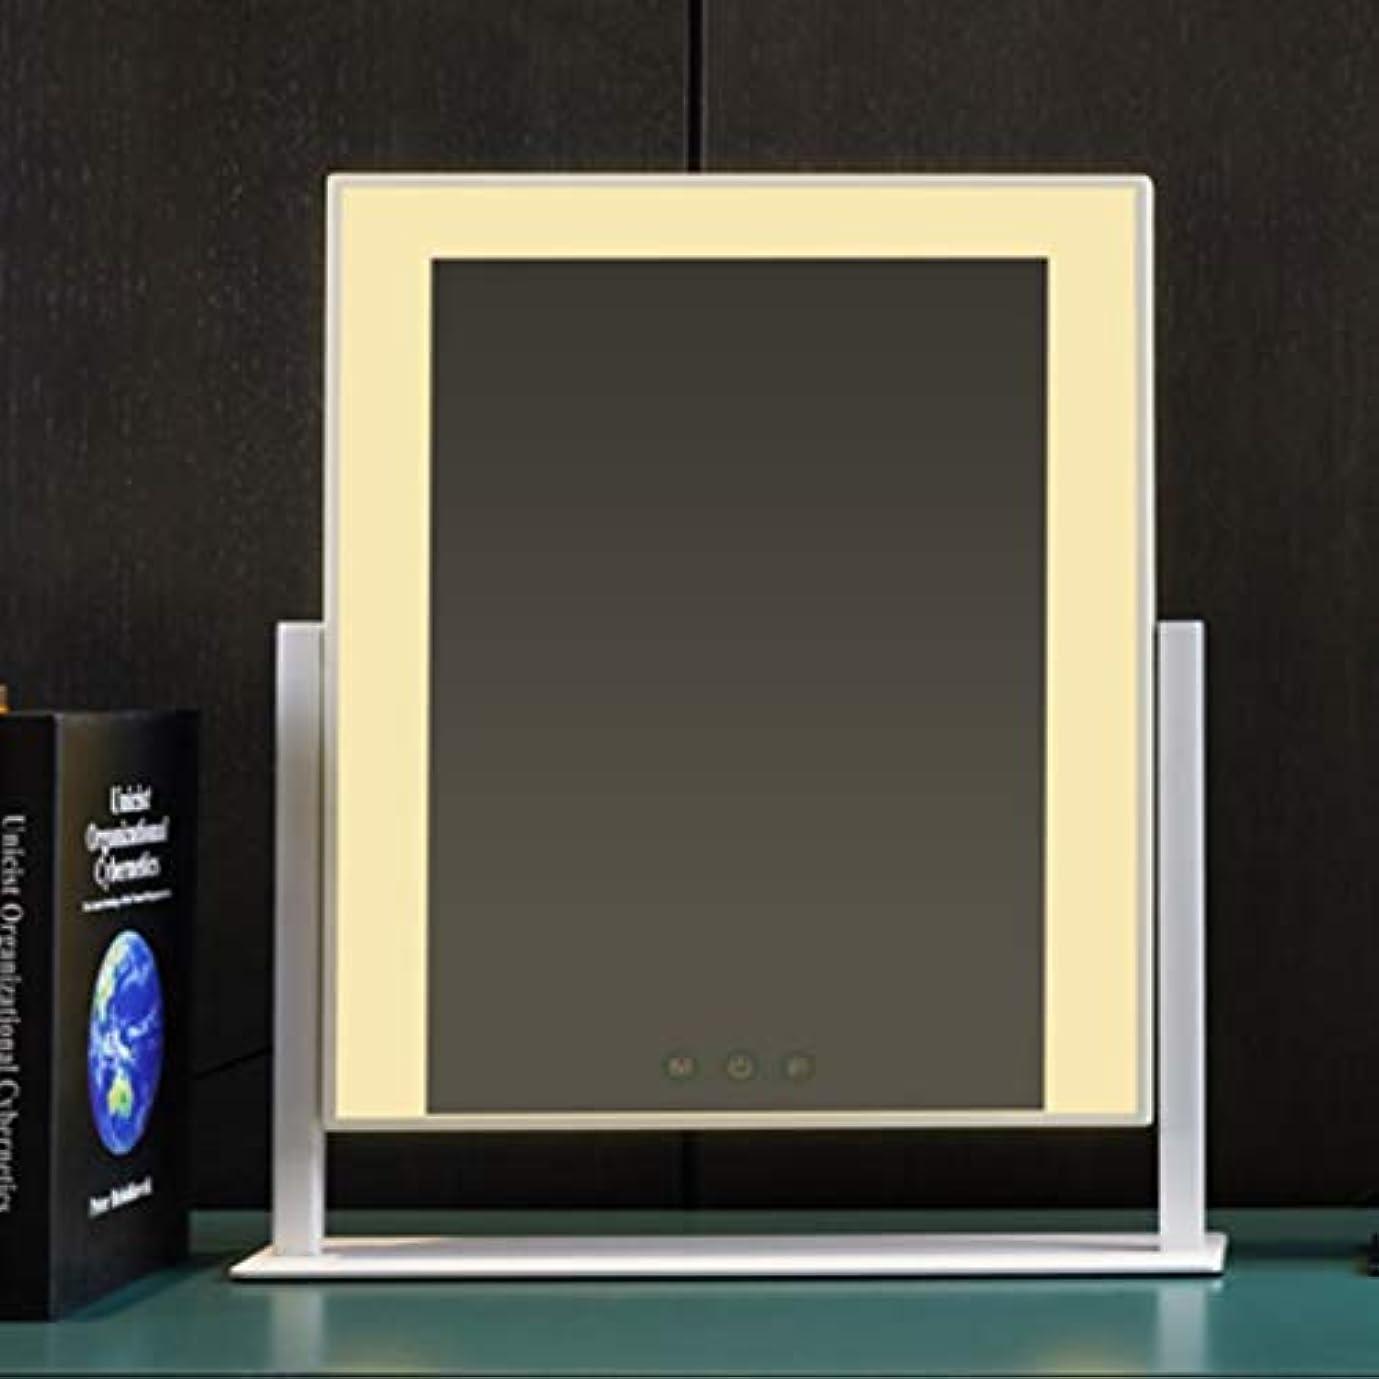 女優翻訳者推進フィルライトled化粧鏡デスクトップ、照明付き充電ミラー、デスクトップ大型電球化粧鏡 (Color : White)